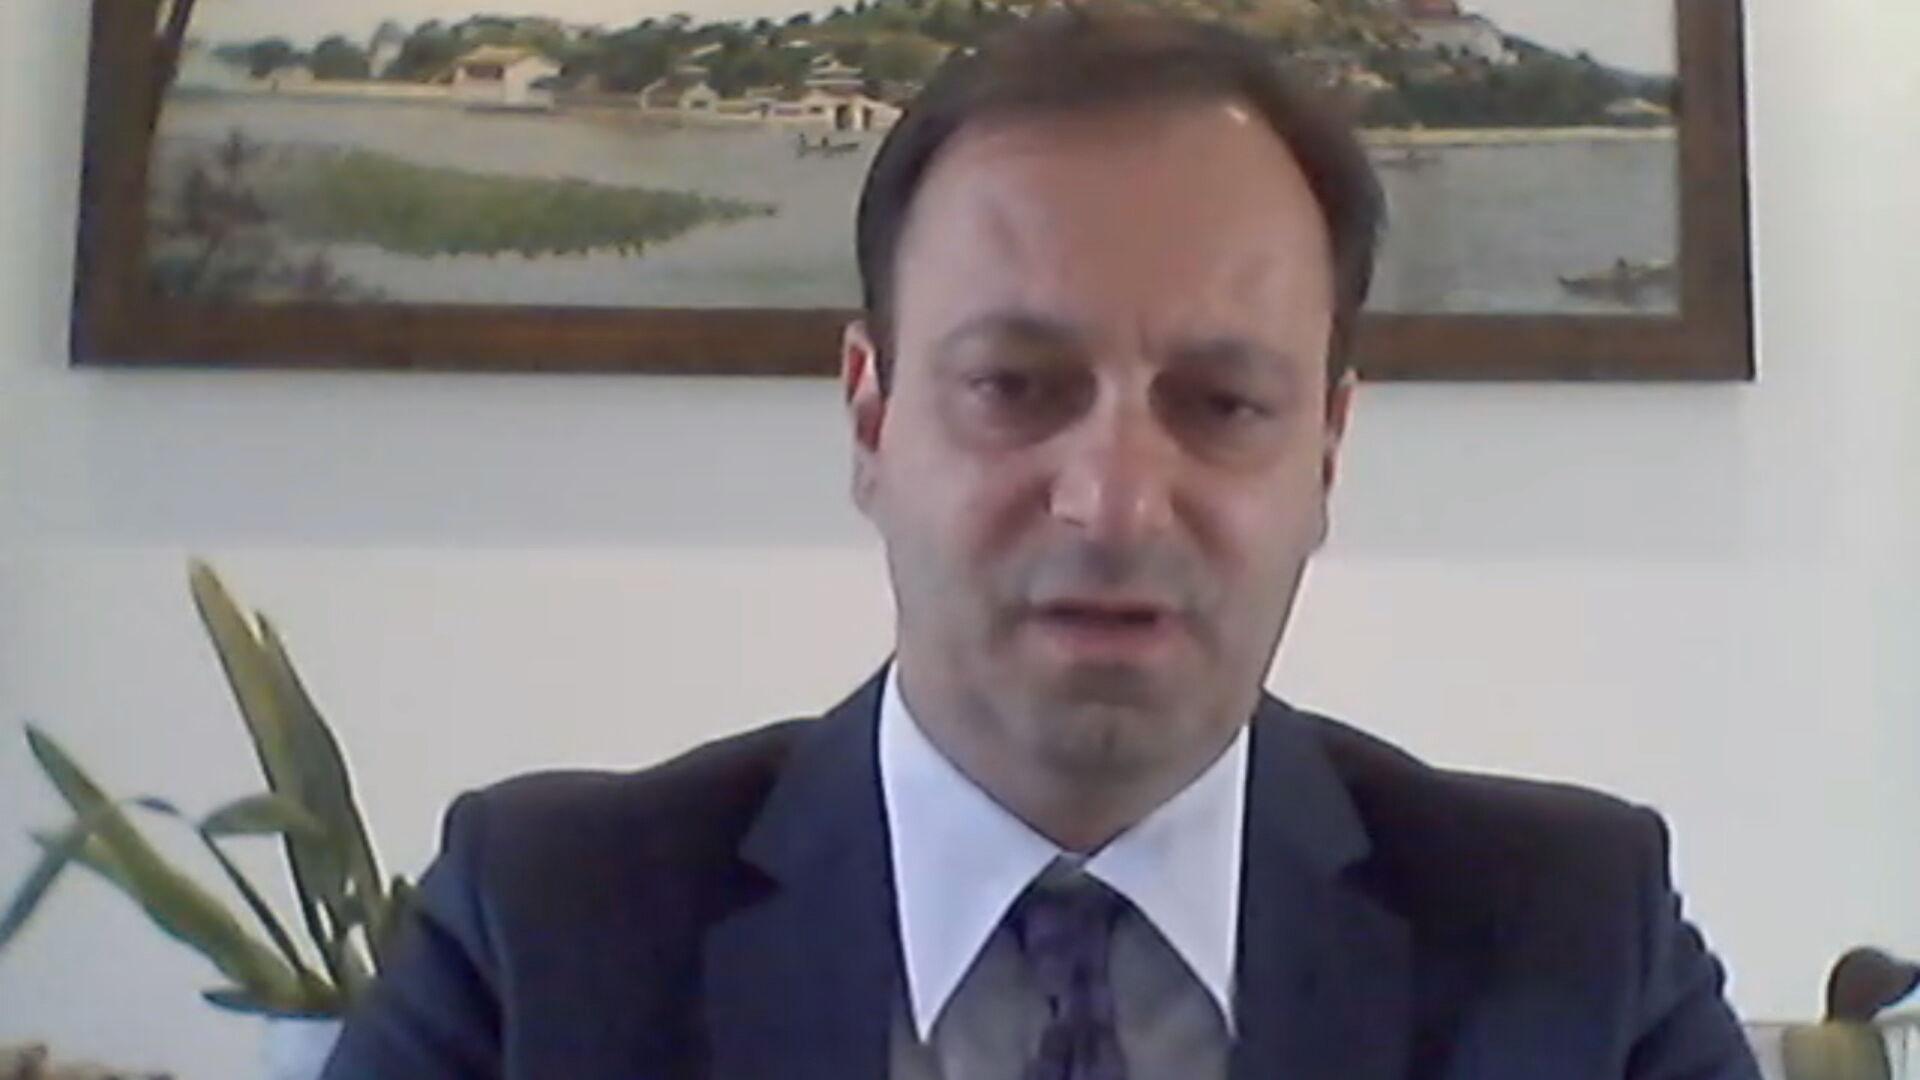 Coordenador de Relações Internacionais do governo do Paraná, Luís Paulo Mascaren